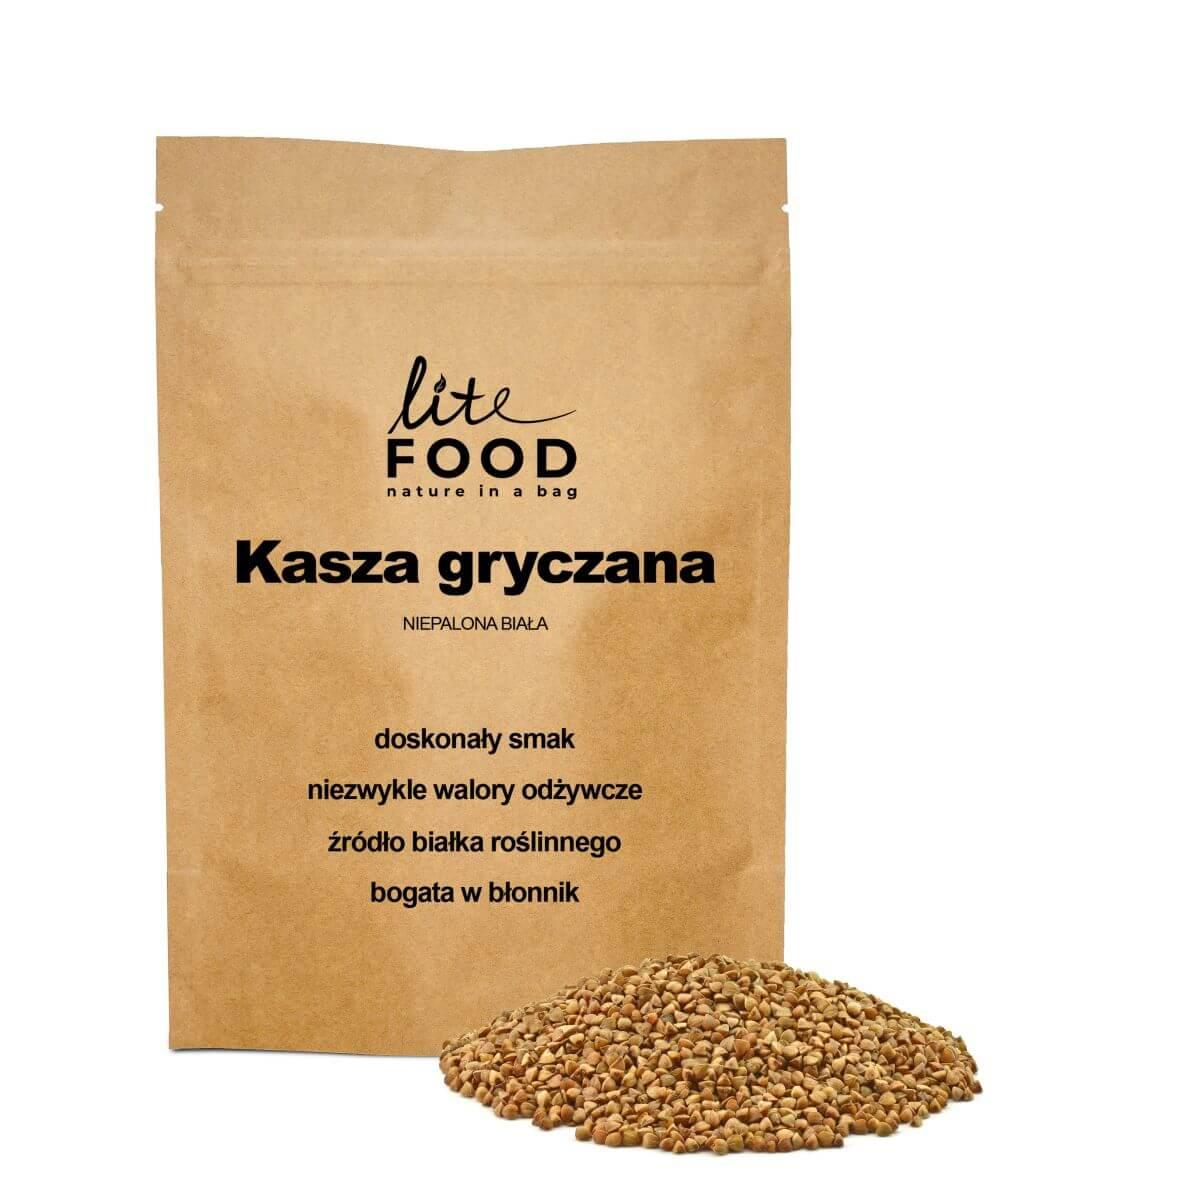 kasza_gryczana_1200